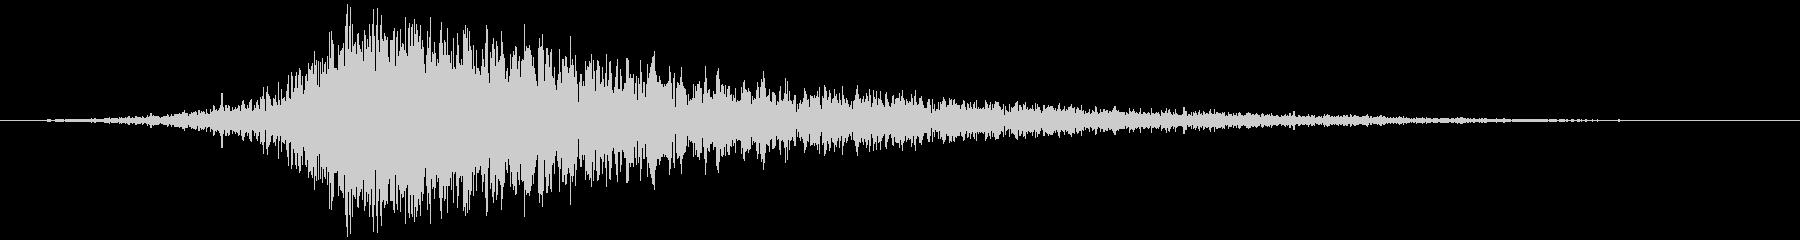 バーン:ハイブリット音:オープニングロゴの未再生の波形